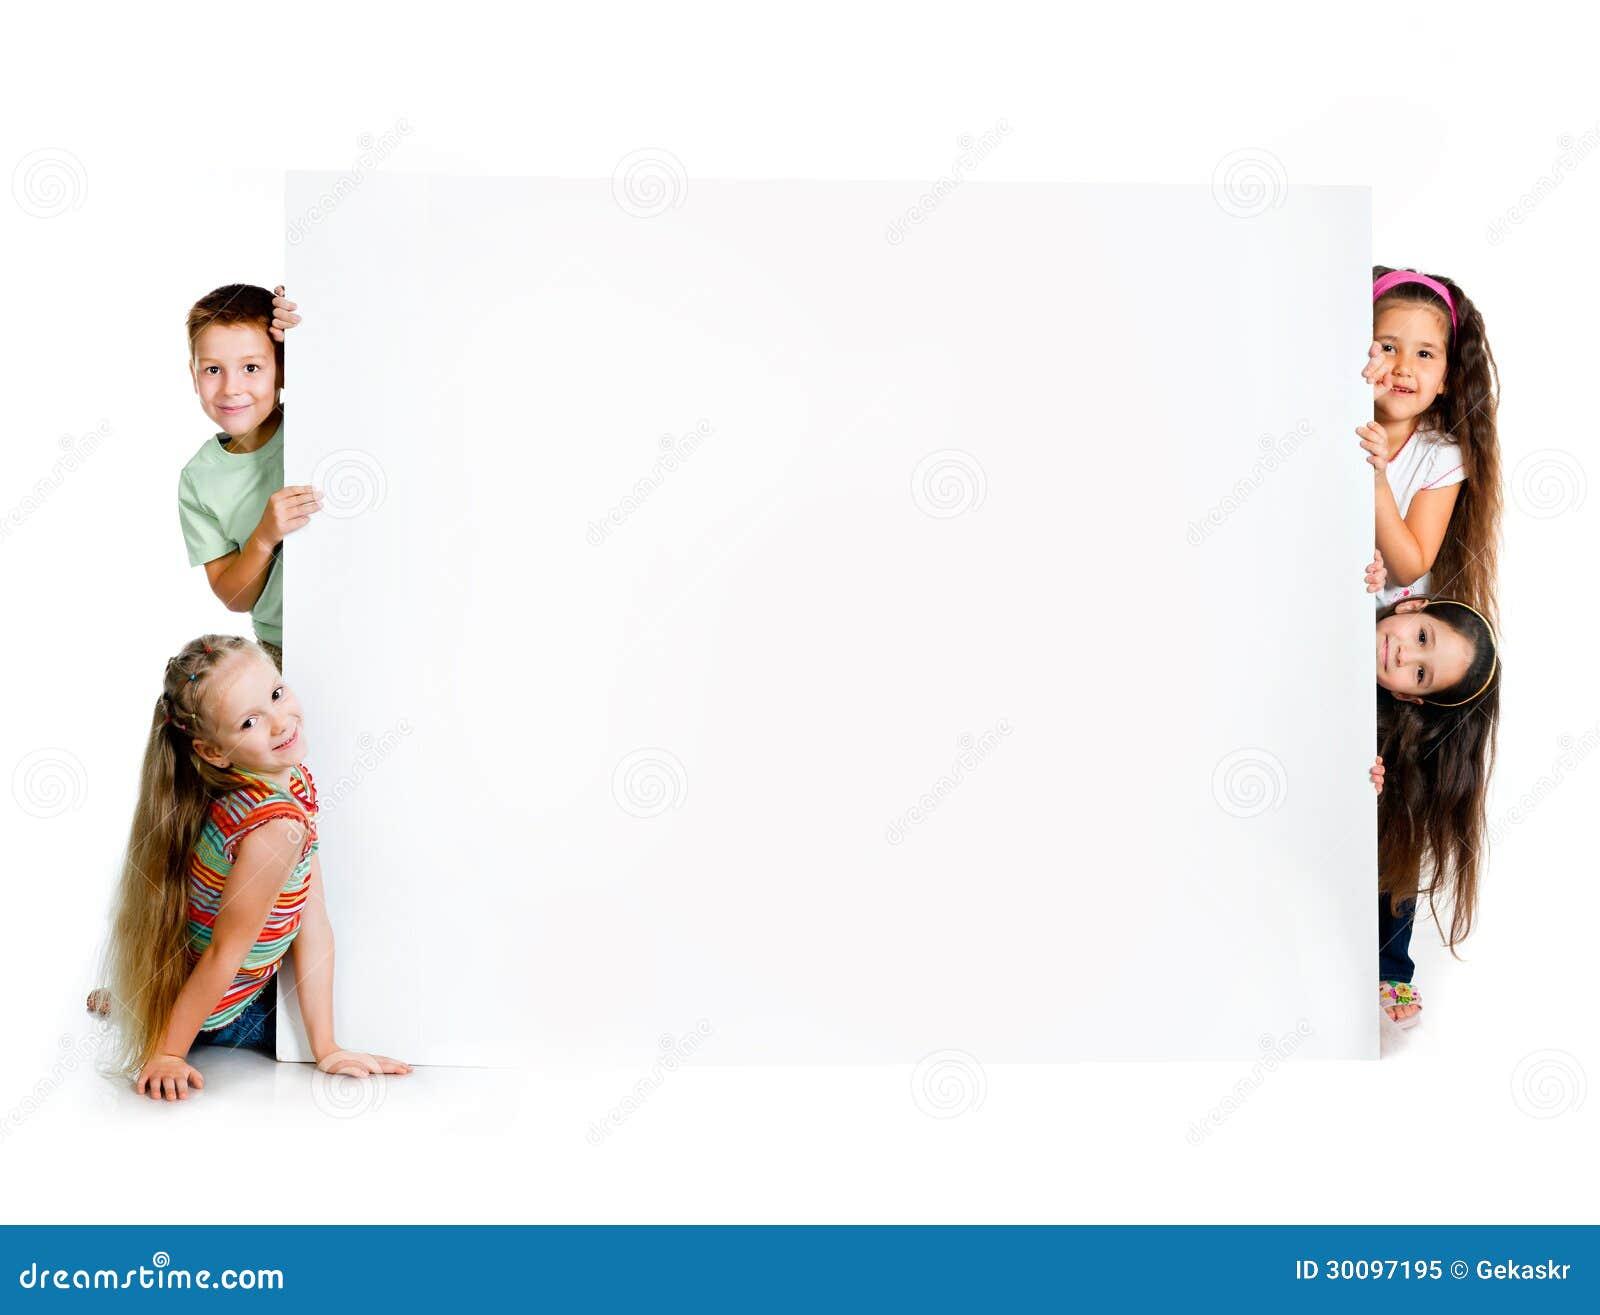 Girles beside a white blank